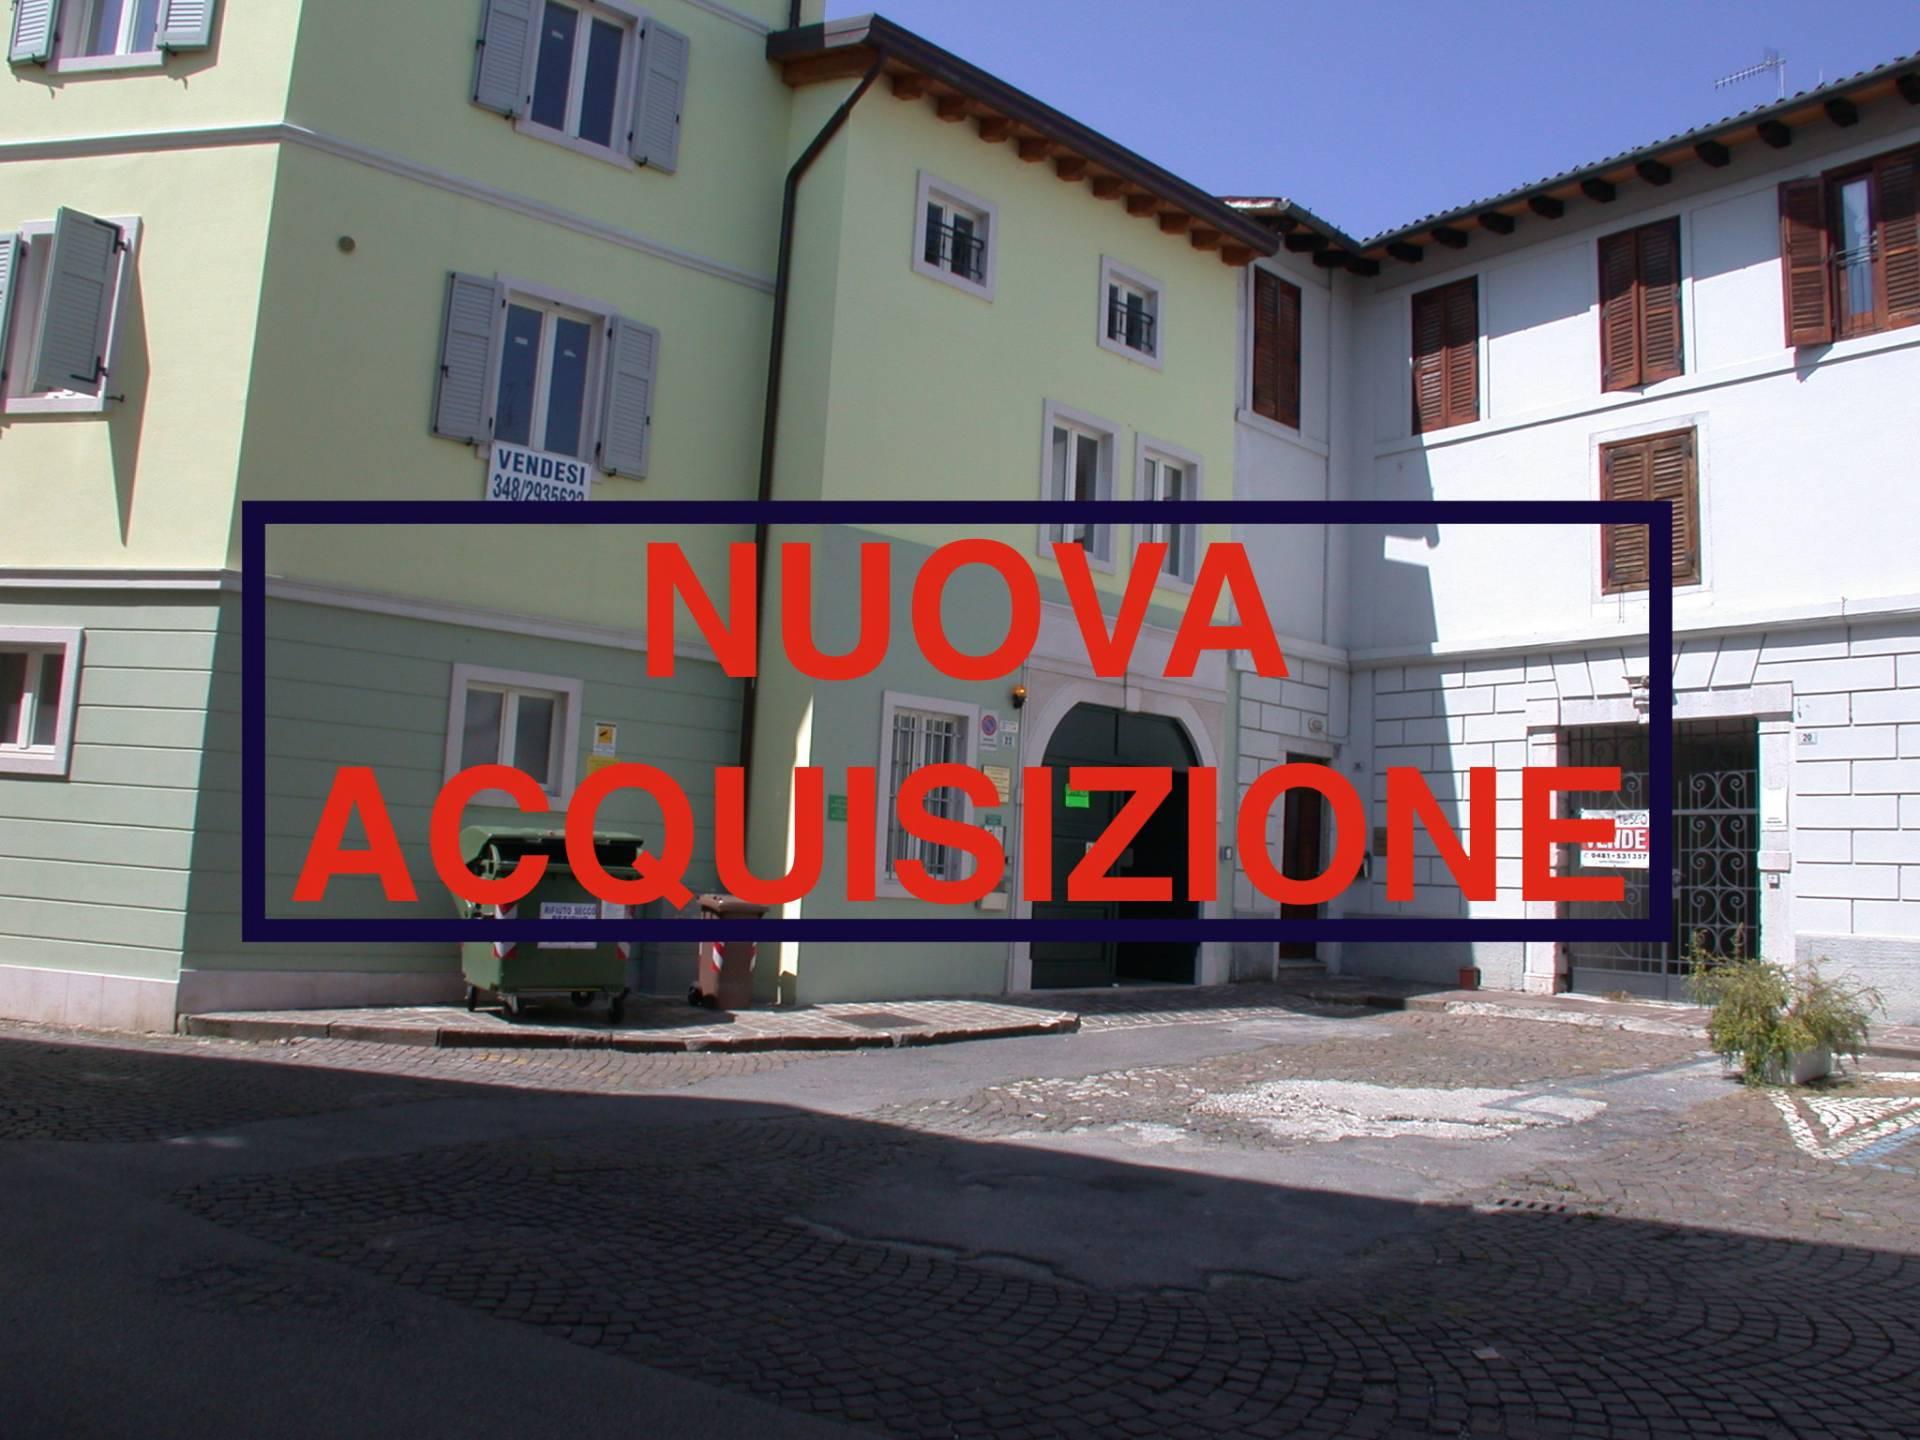 Appartamento in affitto a Gorizia, 3 locali, zona Località: Centrostorico, prezzo € 400 | CambioCasa.it